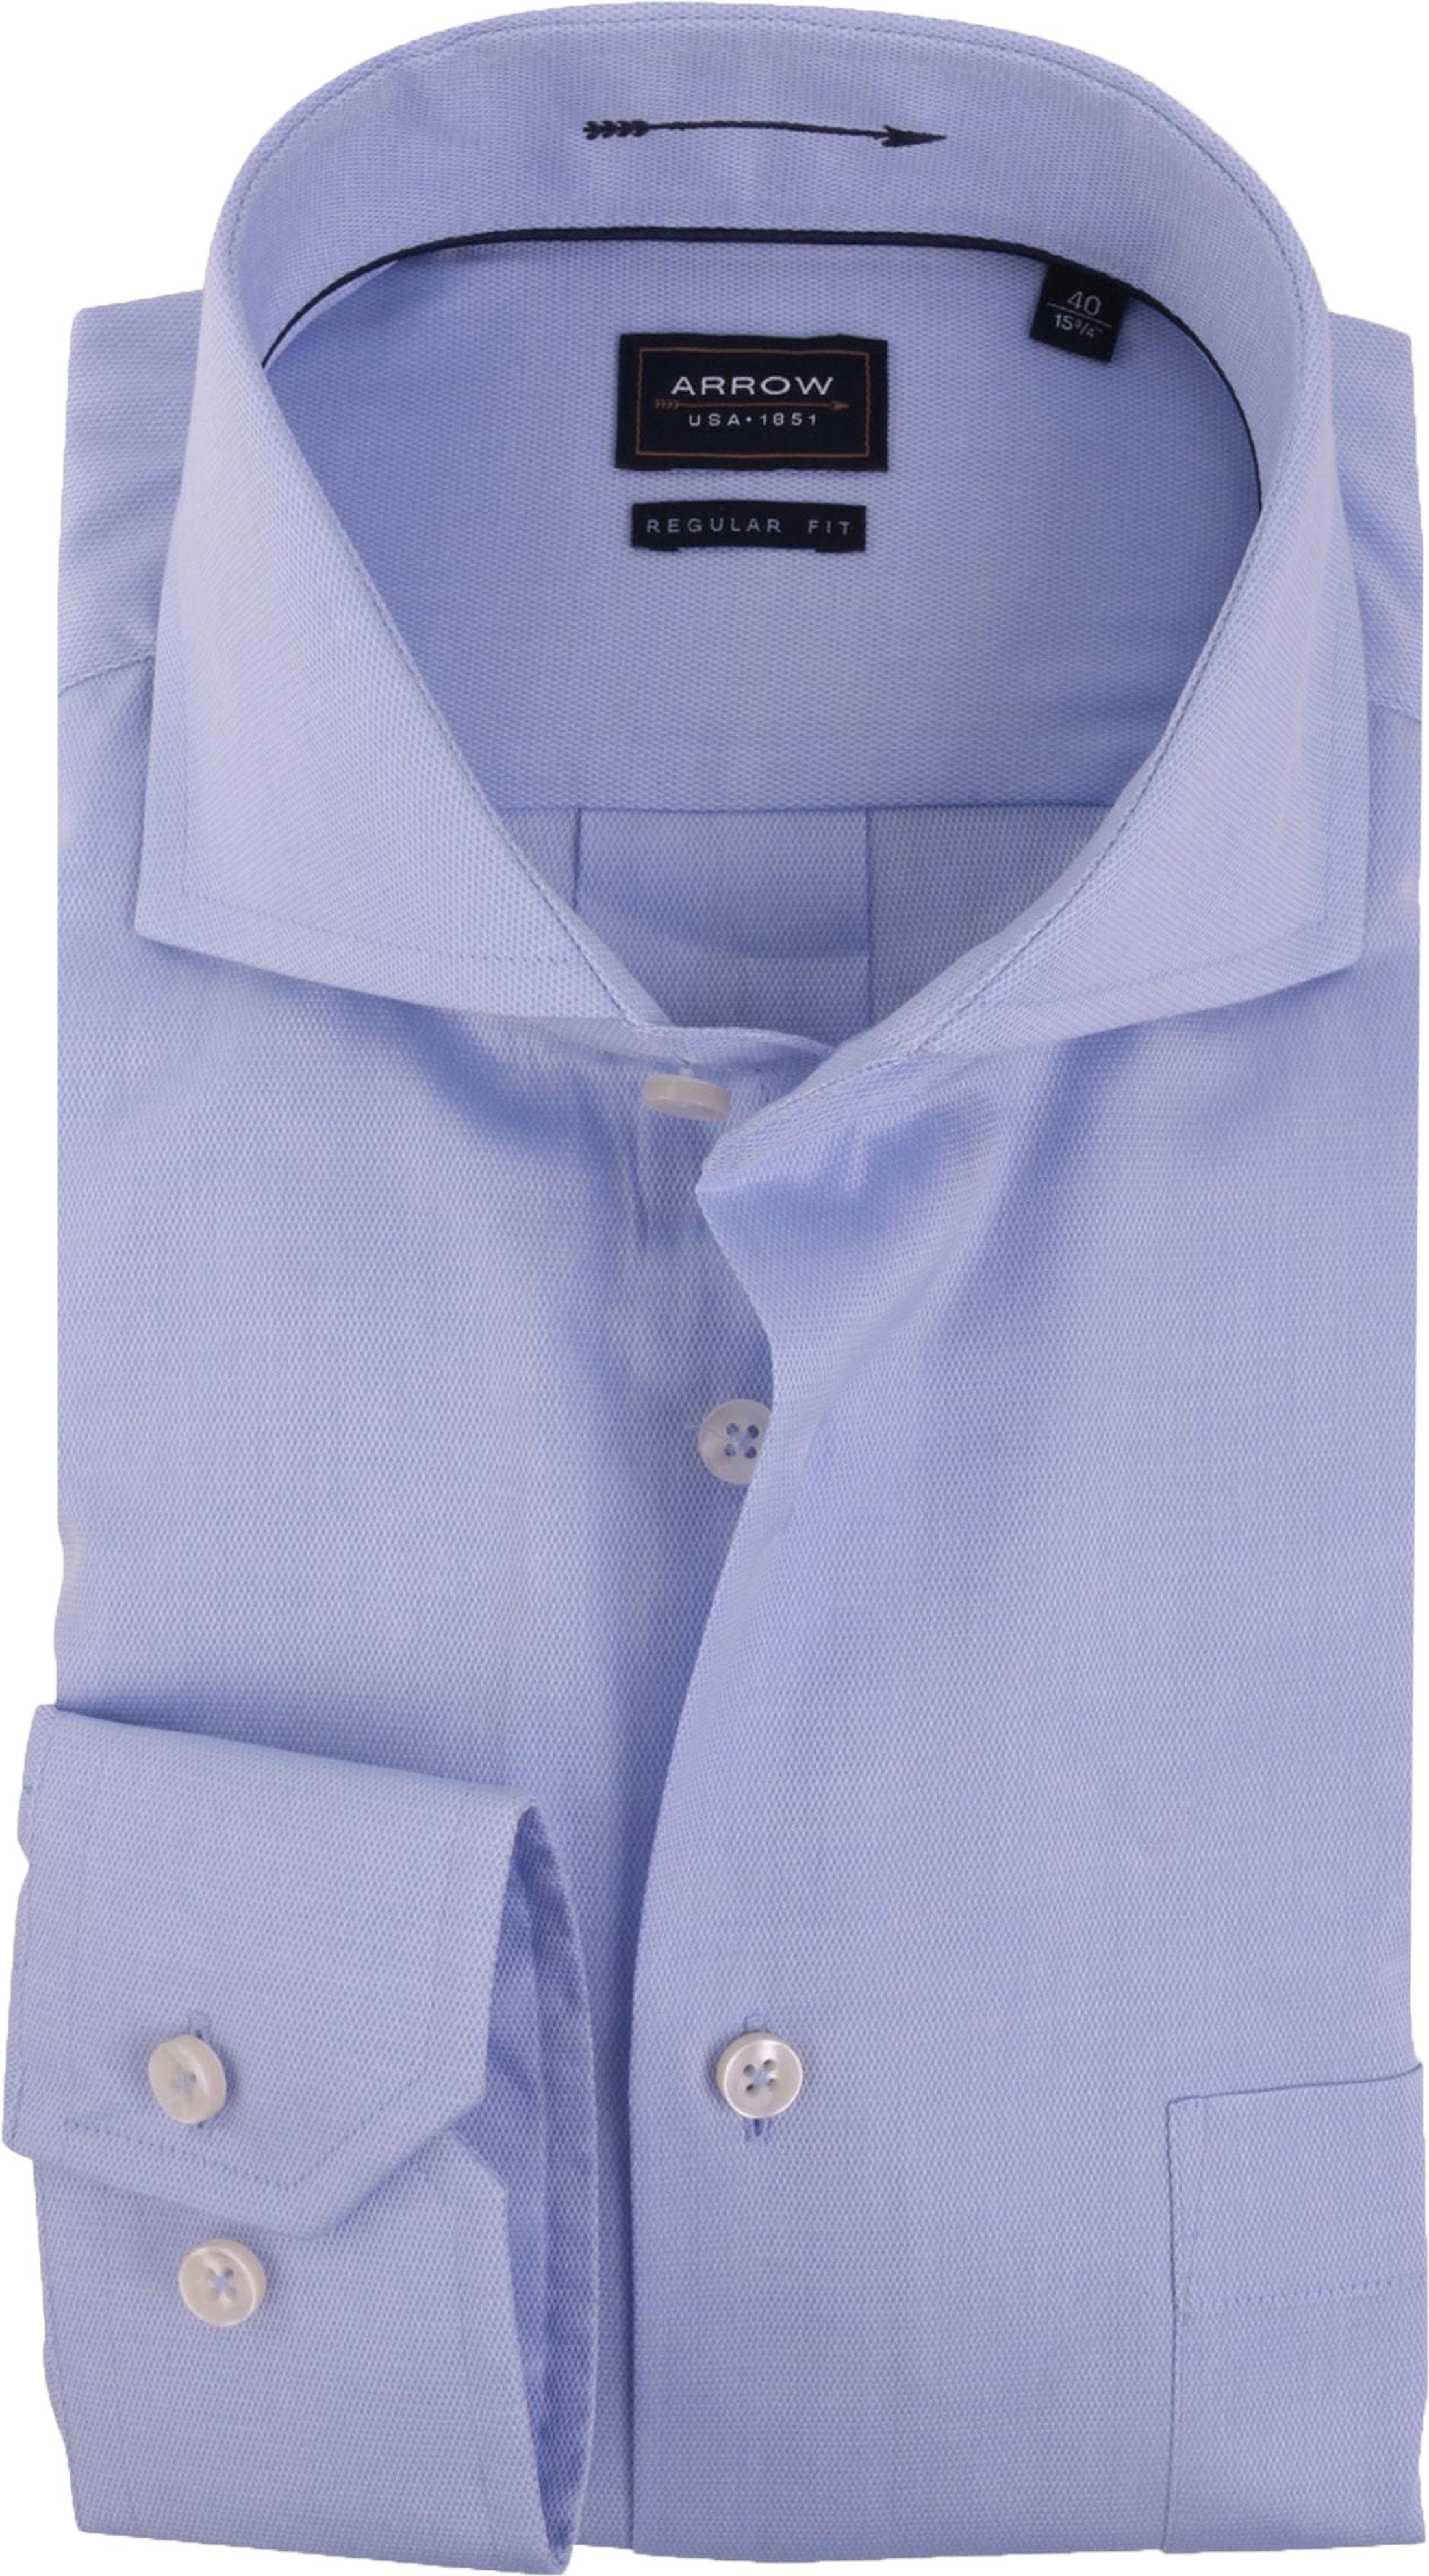 arrow hemden online